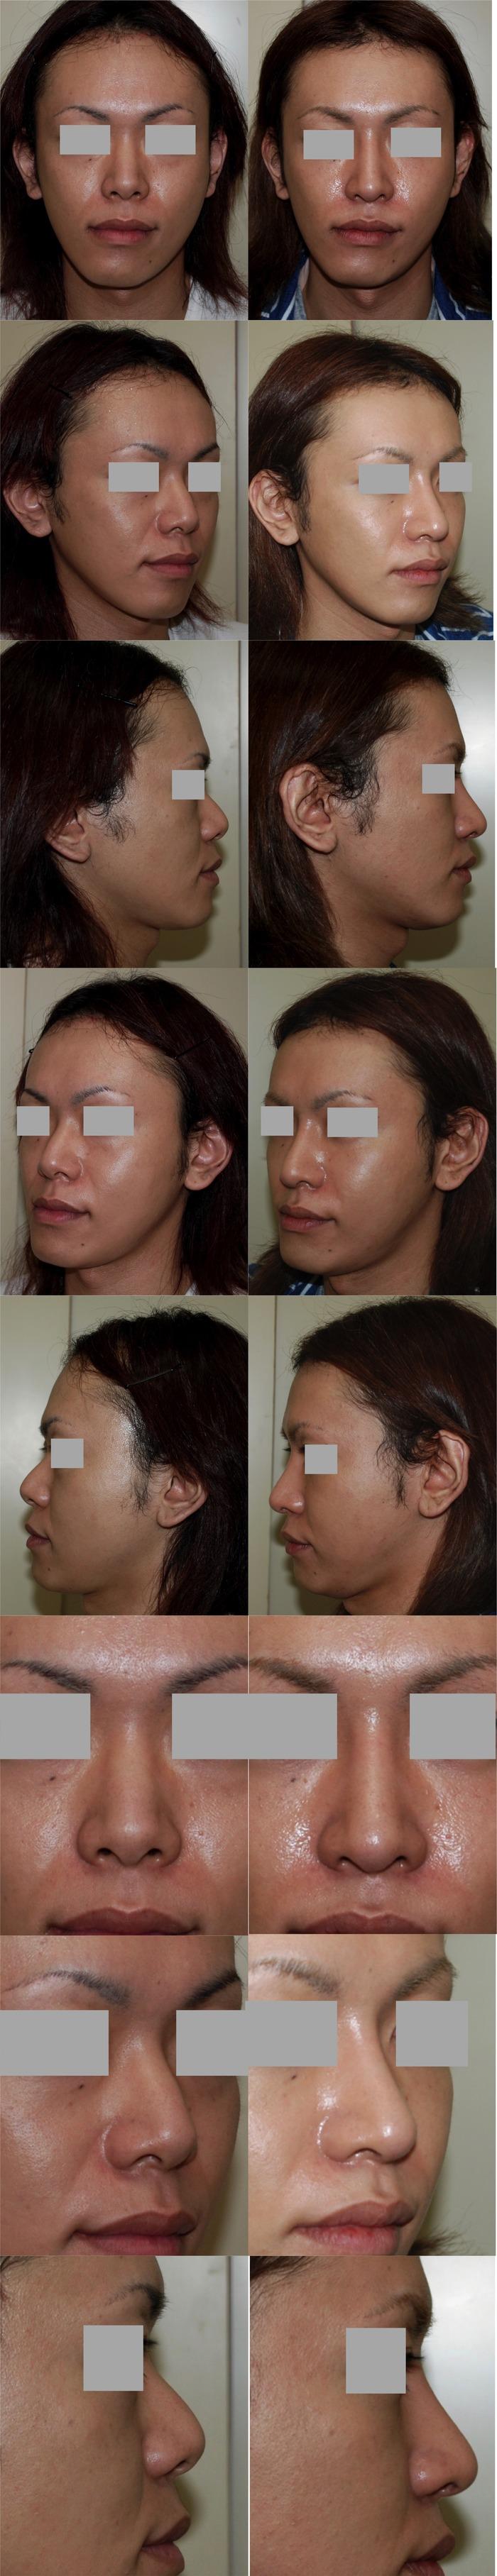 鼻中隔延長術 鼻骨骨切り術 隆鼻術 3ヶ月